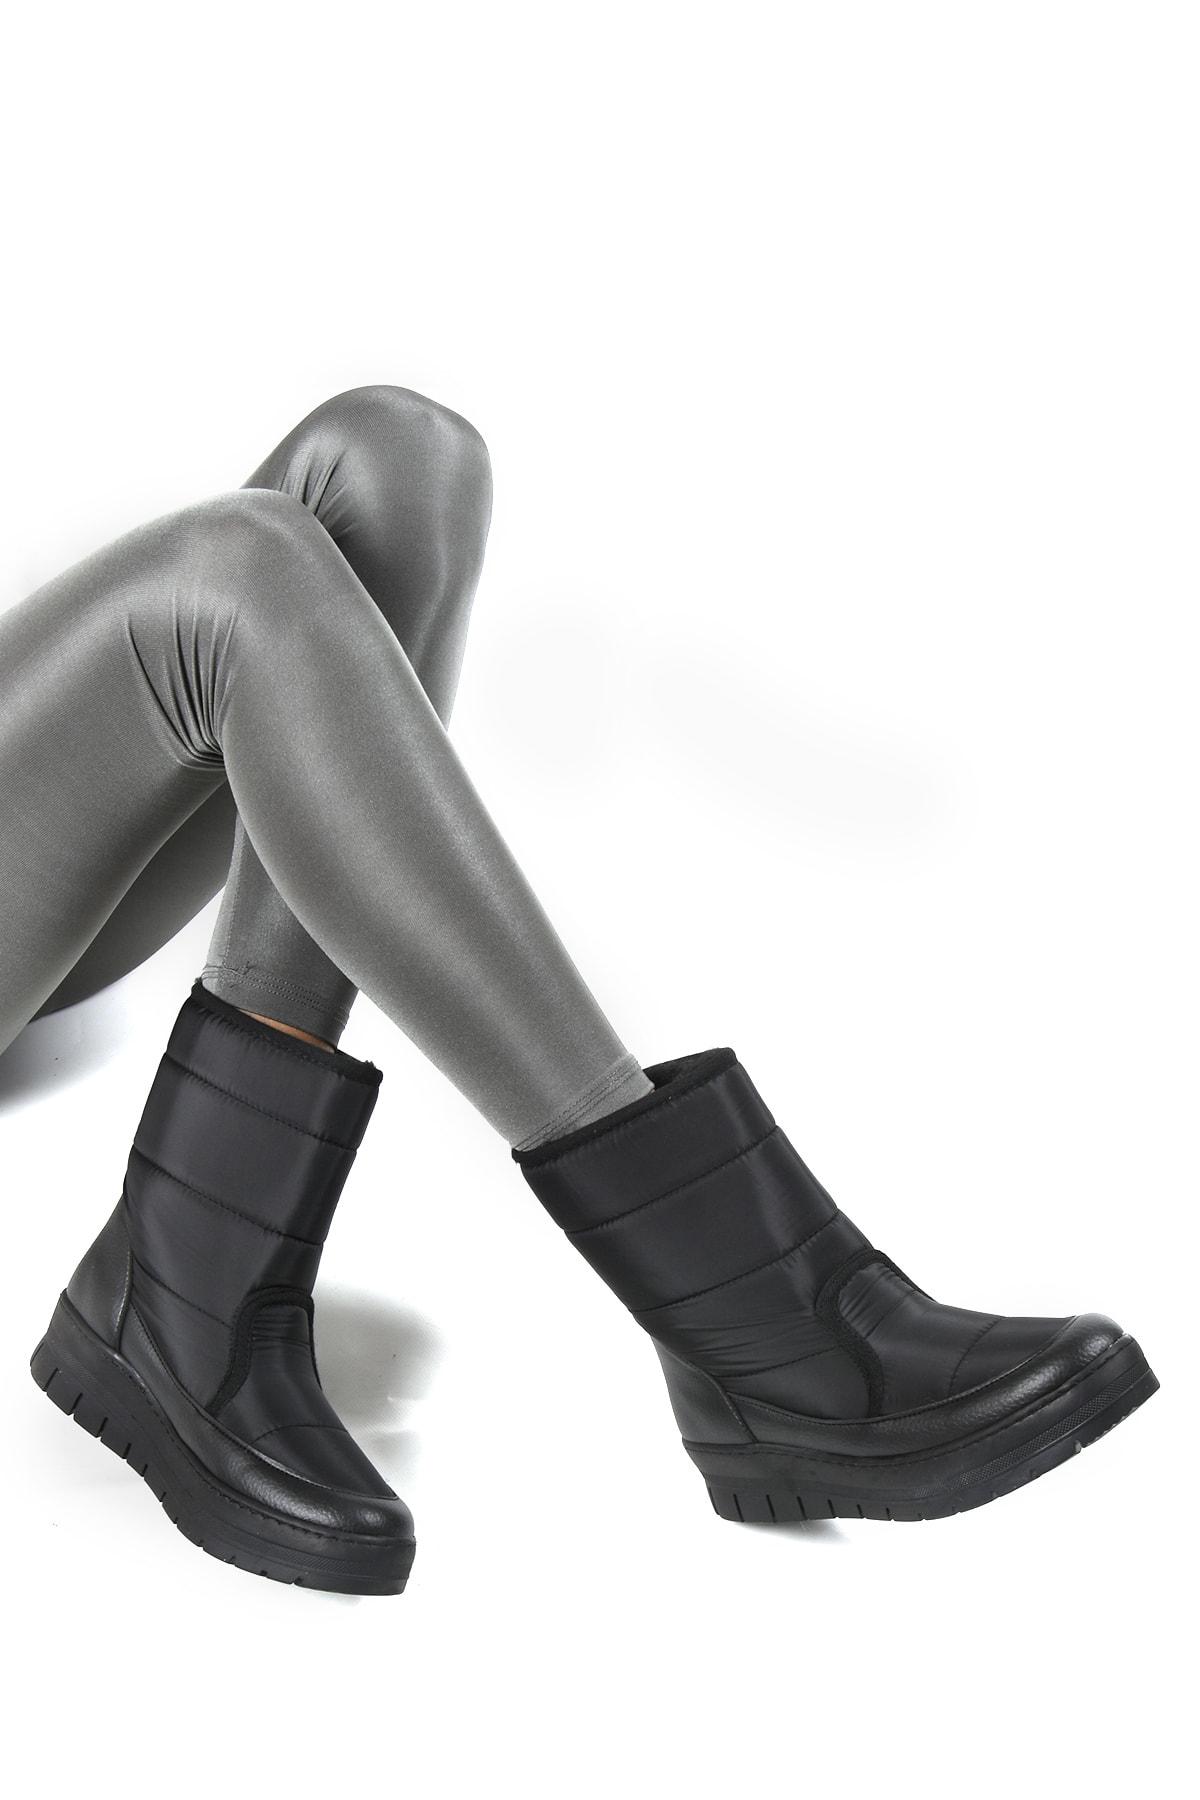 Sapin Kadın Siyah Suni Kürklü Kar Botu 33500 1